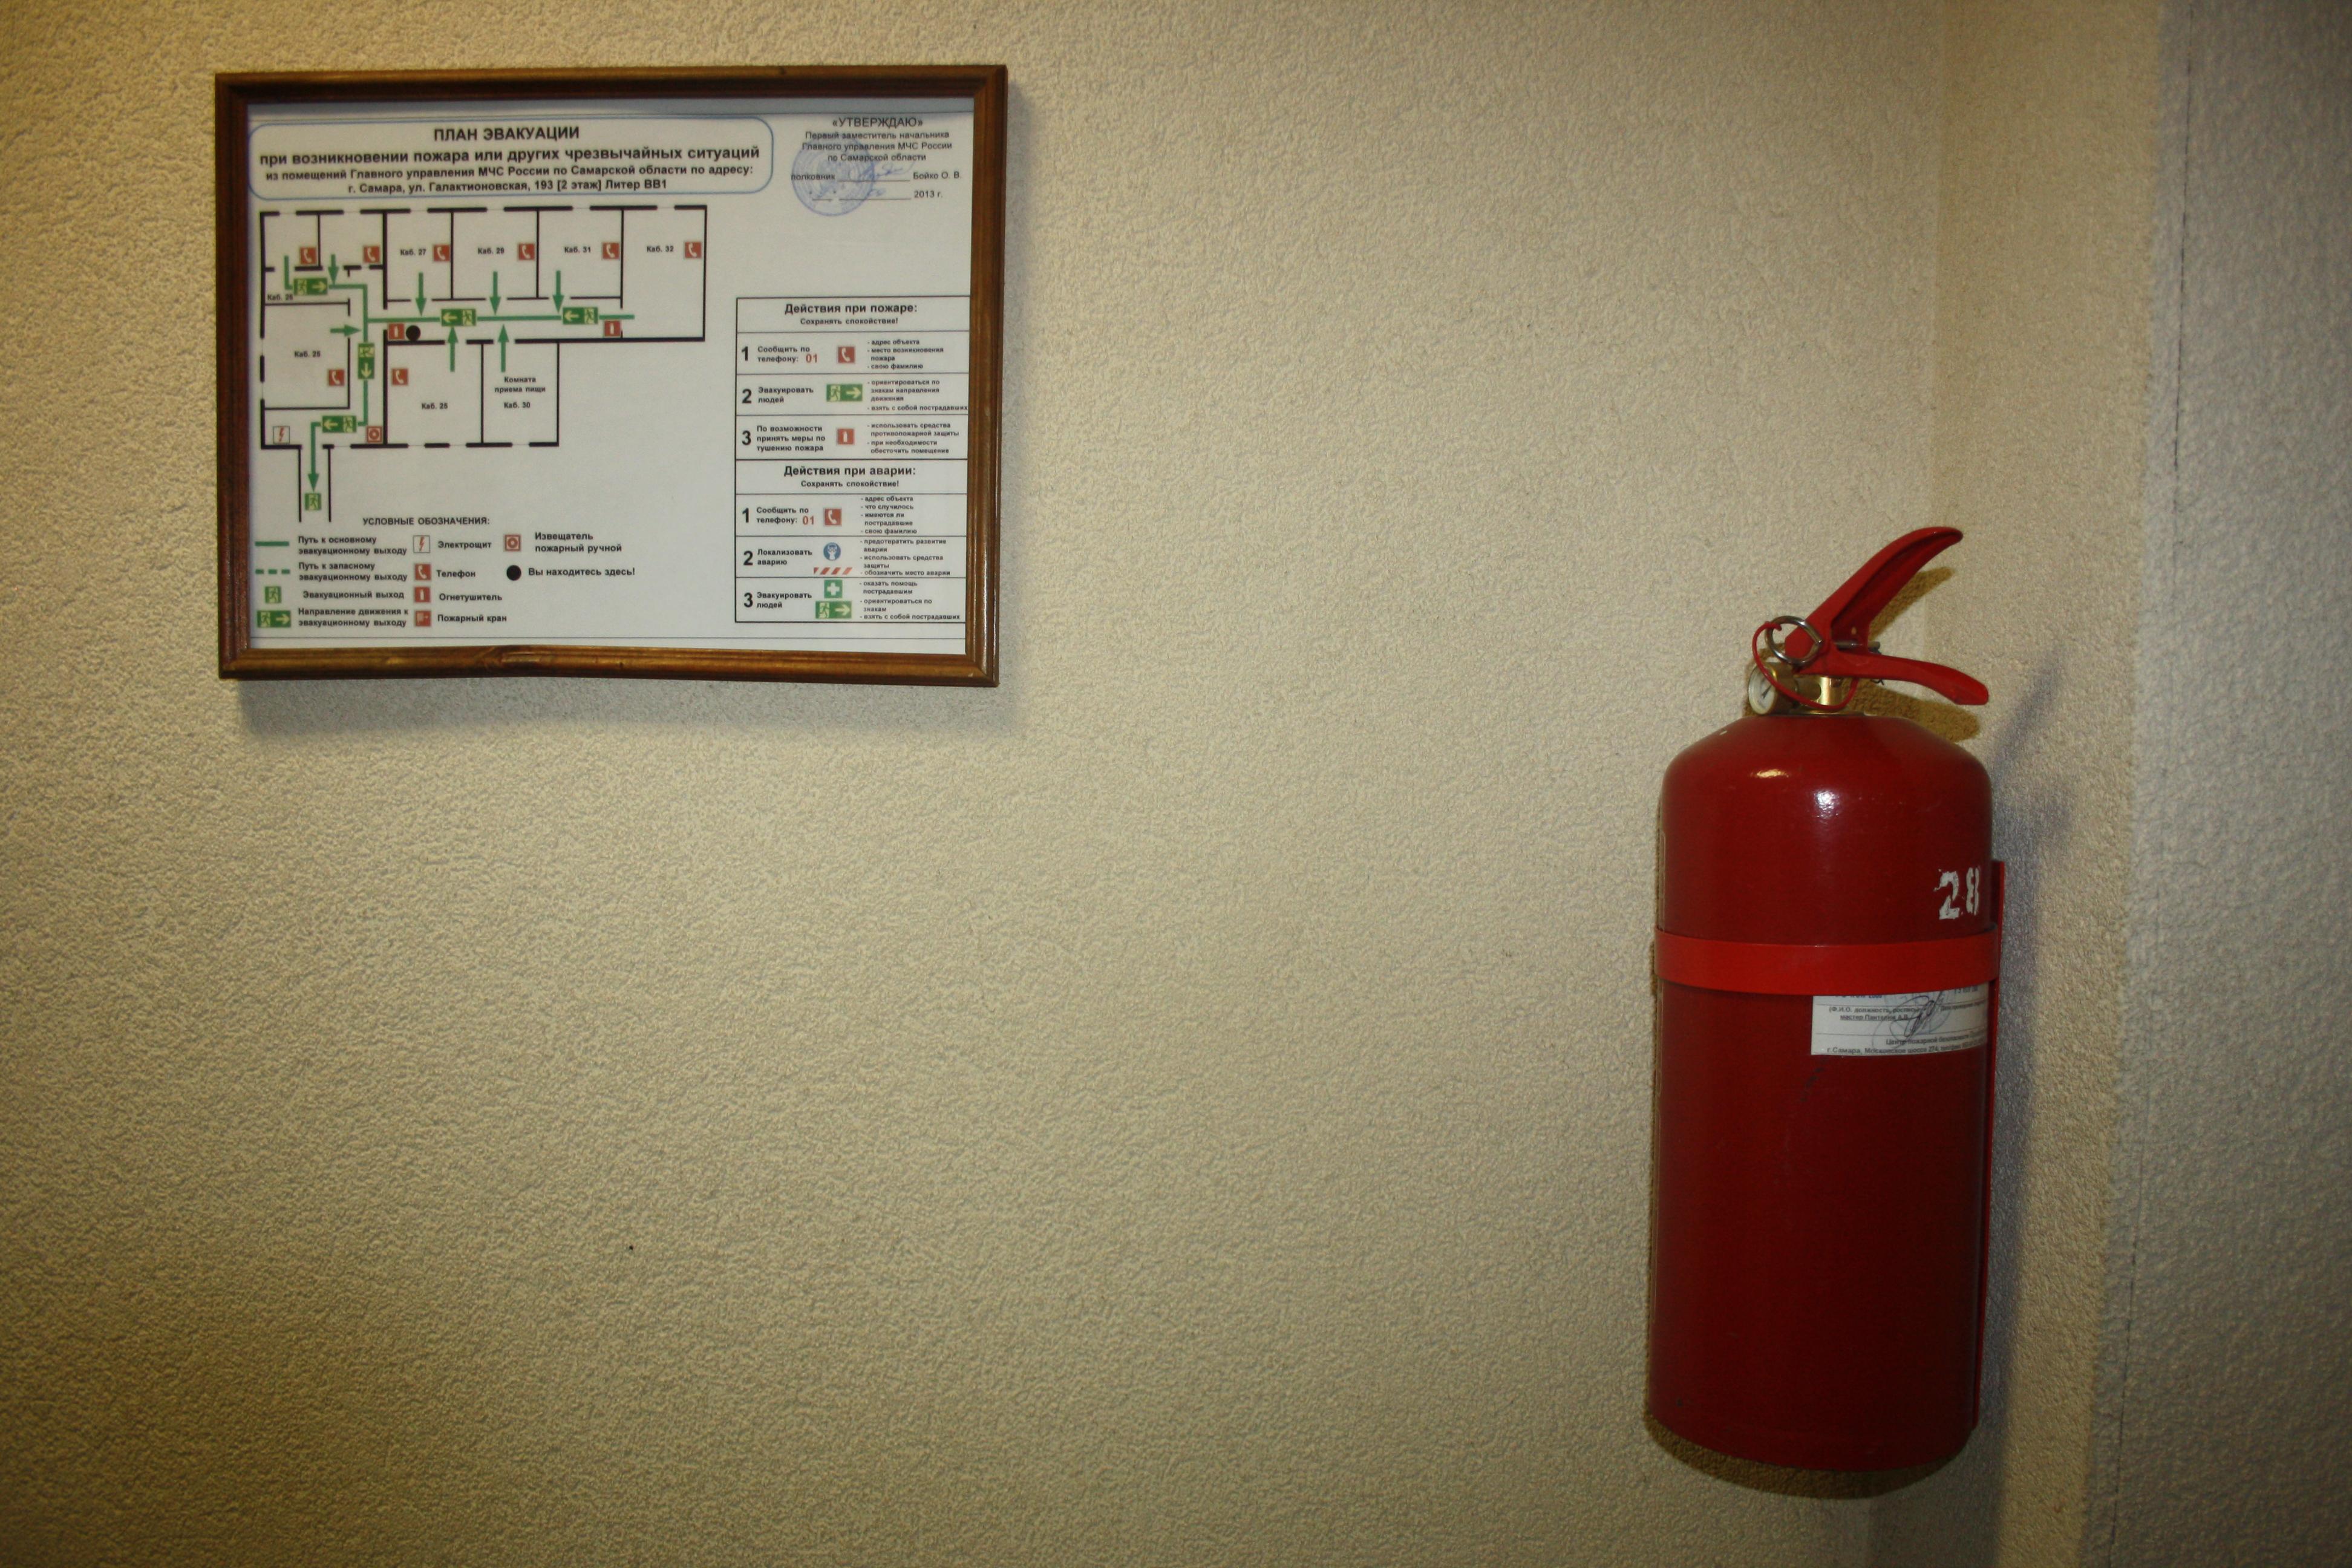 Информационный стенд и огнетушитель